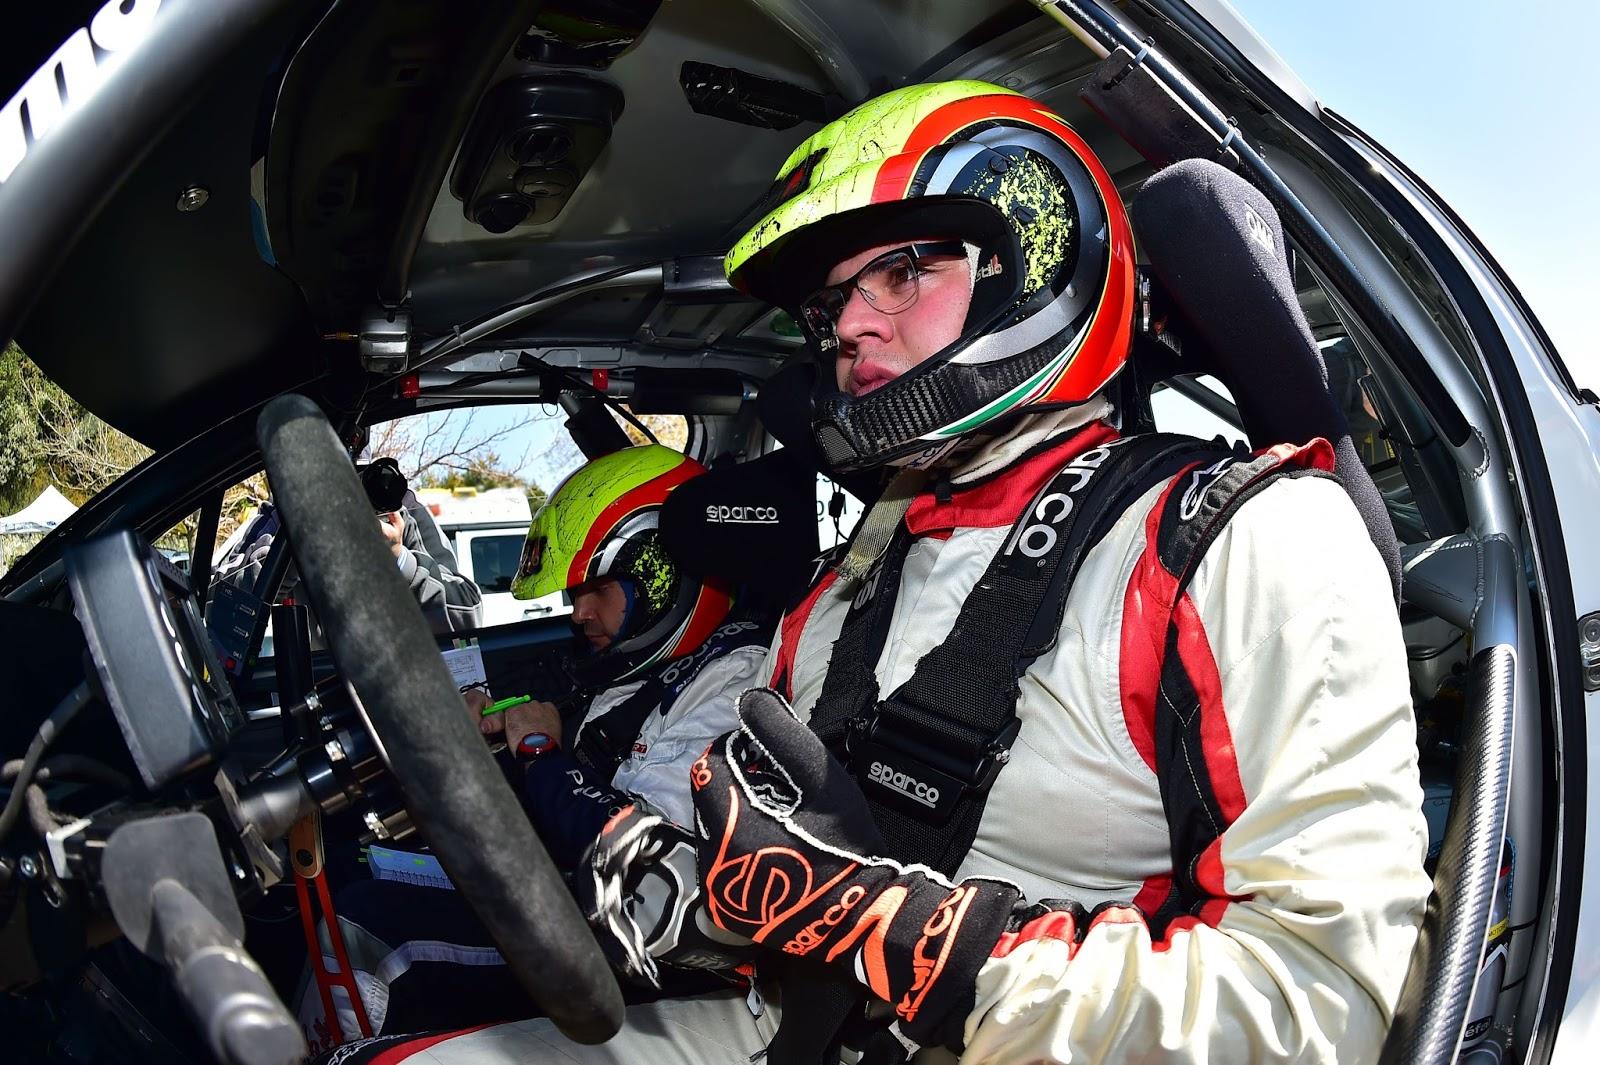 Grande attesa per il 23° Rally del Molise: prevista alta qualità di piloti e vetture